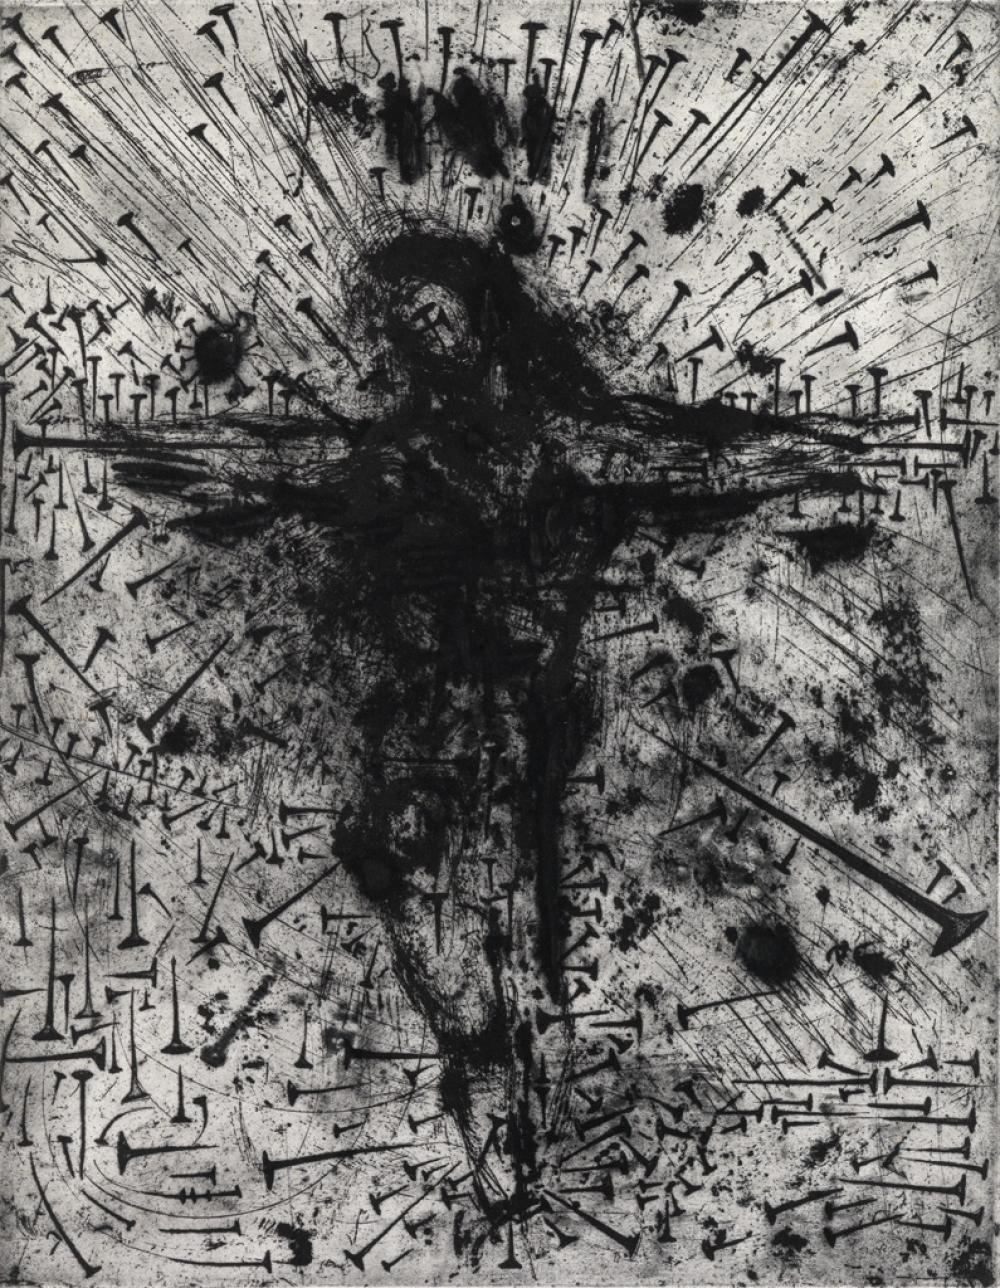 SALVADOR DALÍ Crucifixion.